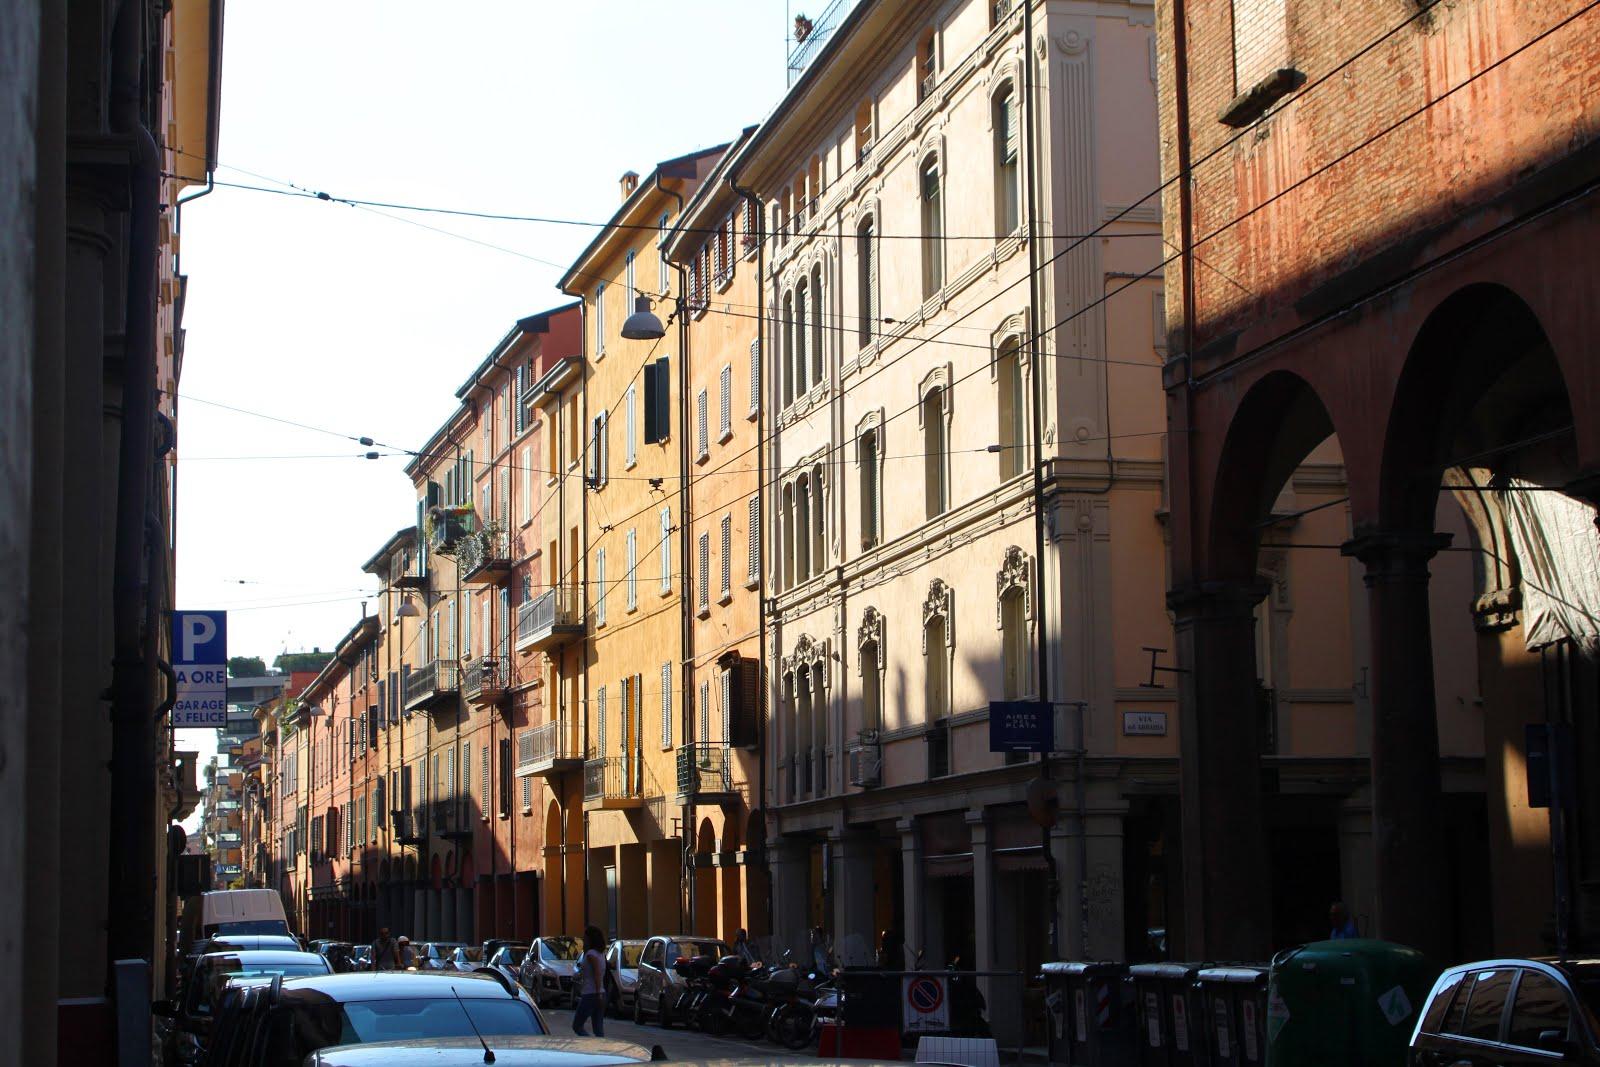 Strada San Felice